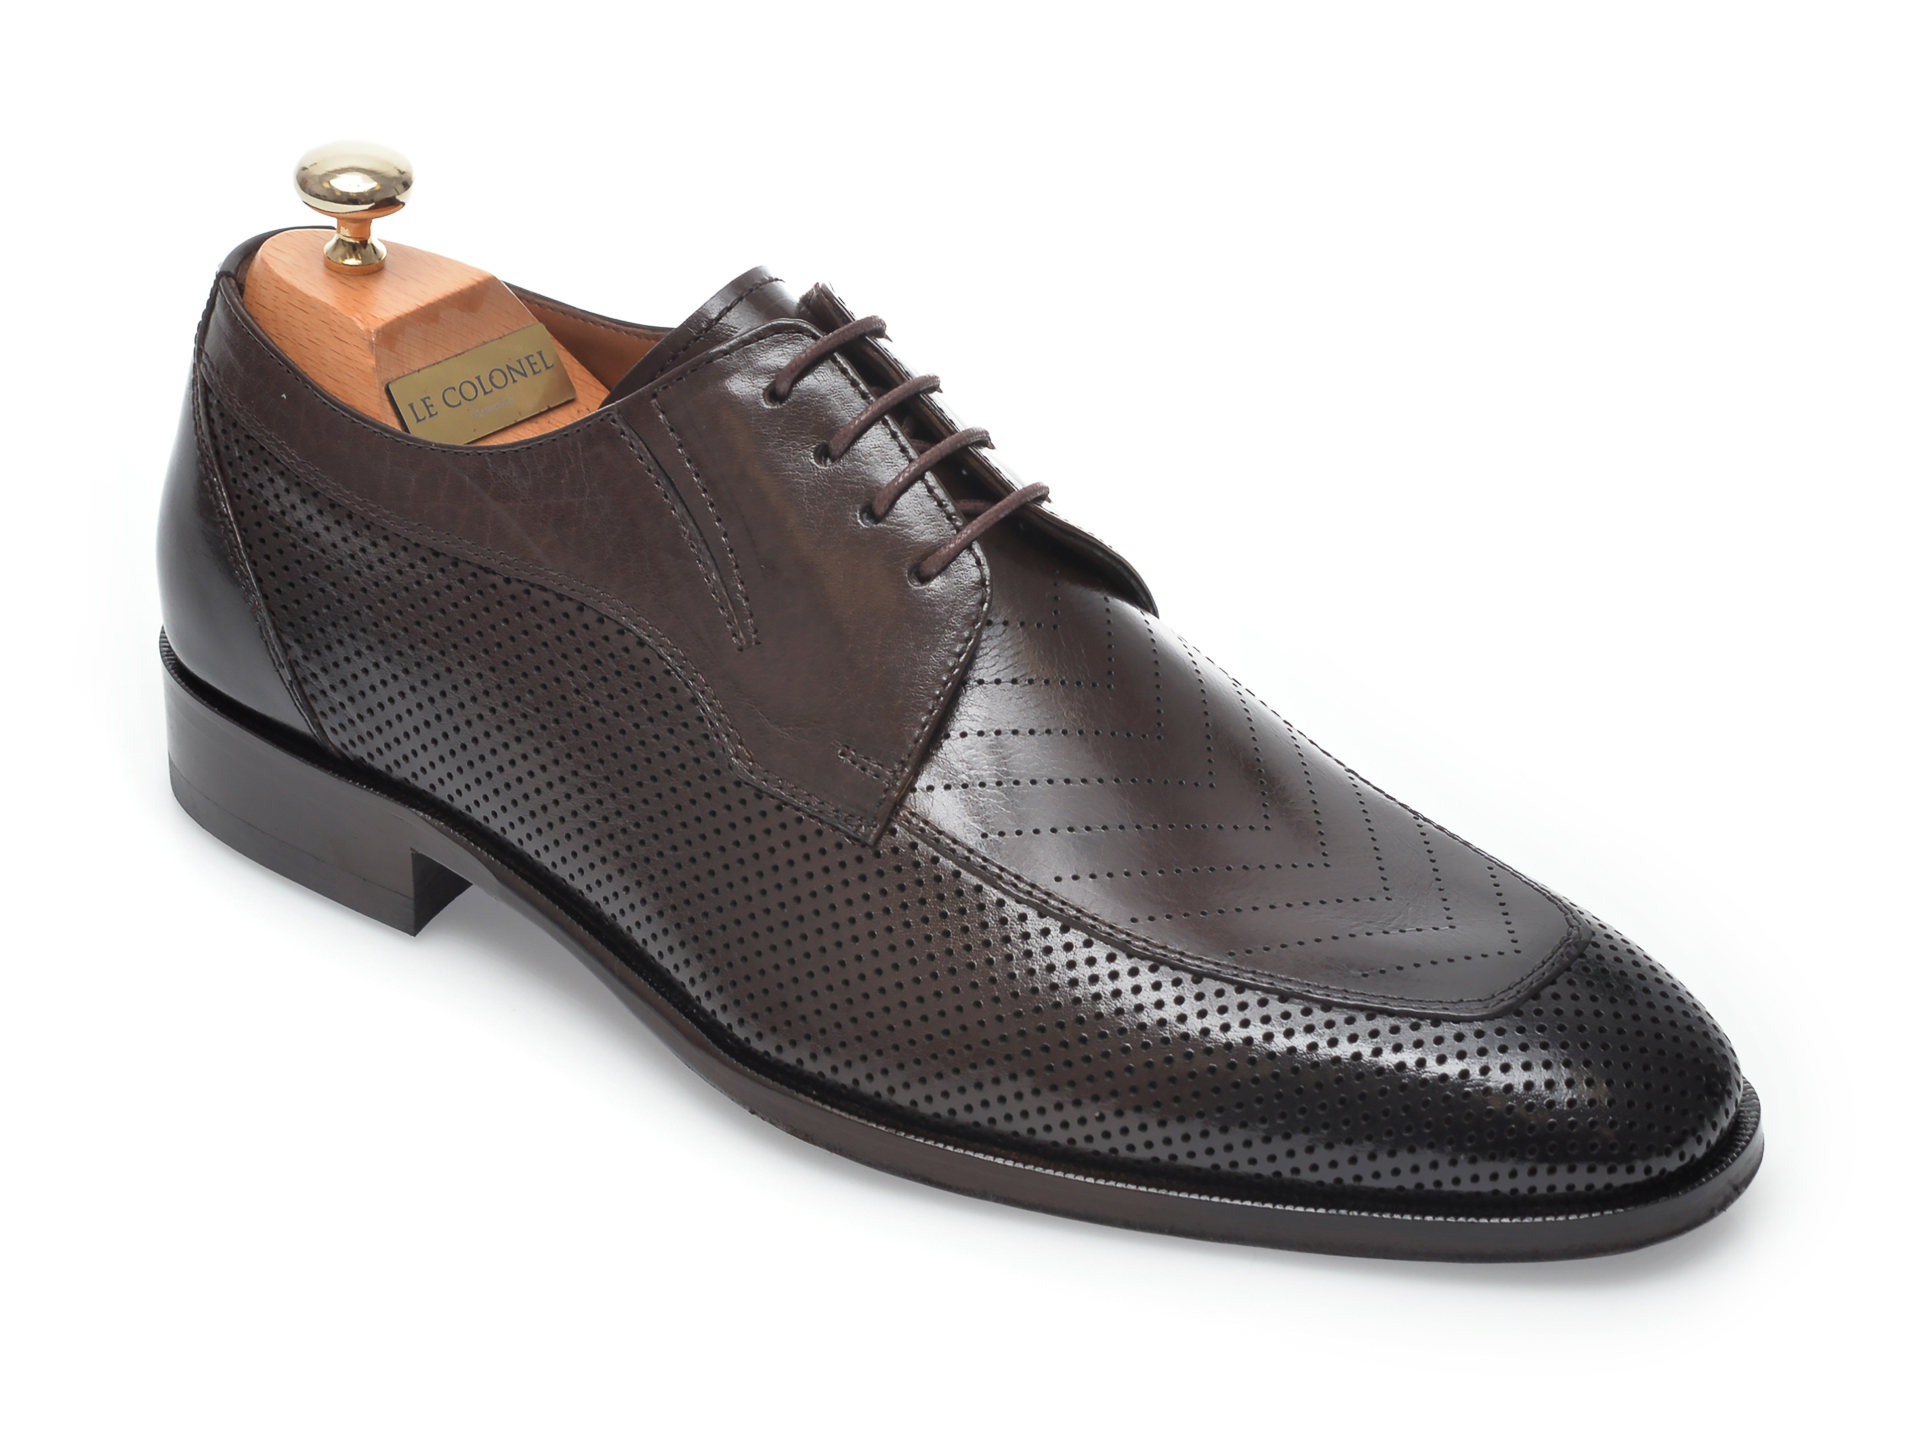 Pantofi LE COLONEL maro, 48457, din piele naturala imagine